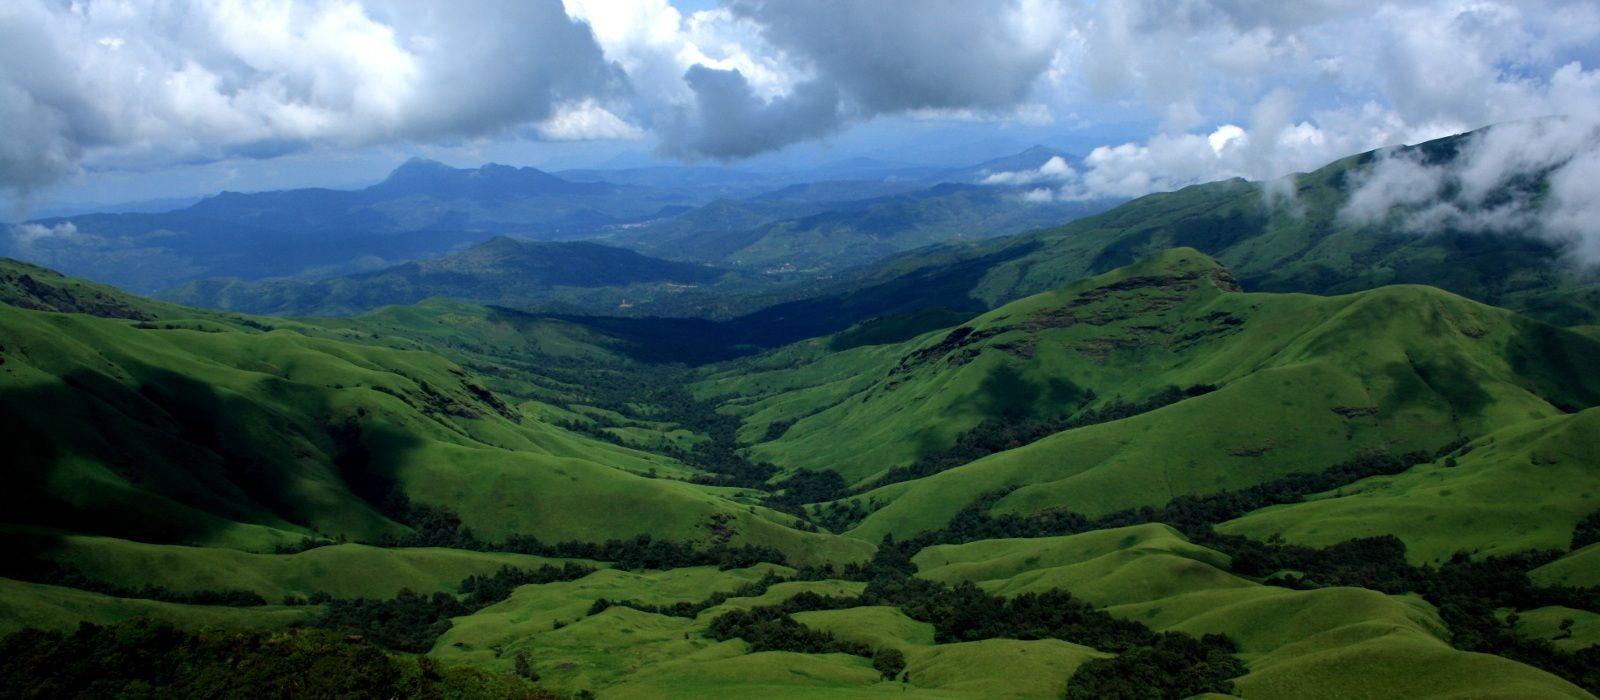 Reiseziel Chikmagalur Südindien